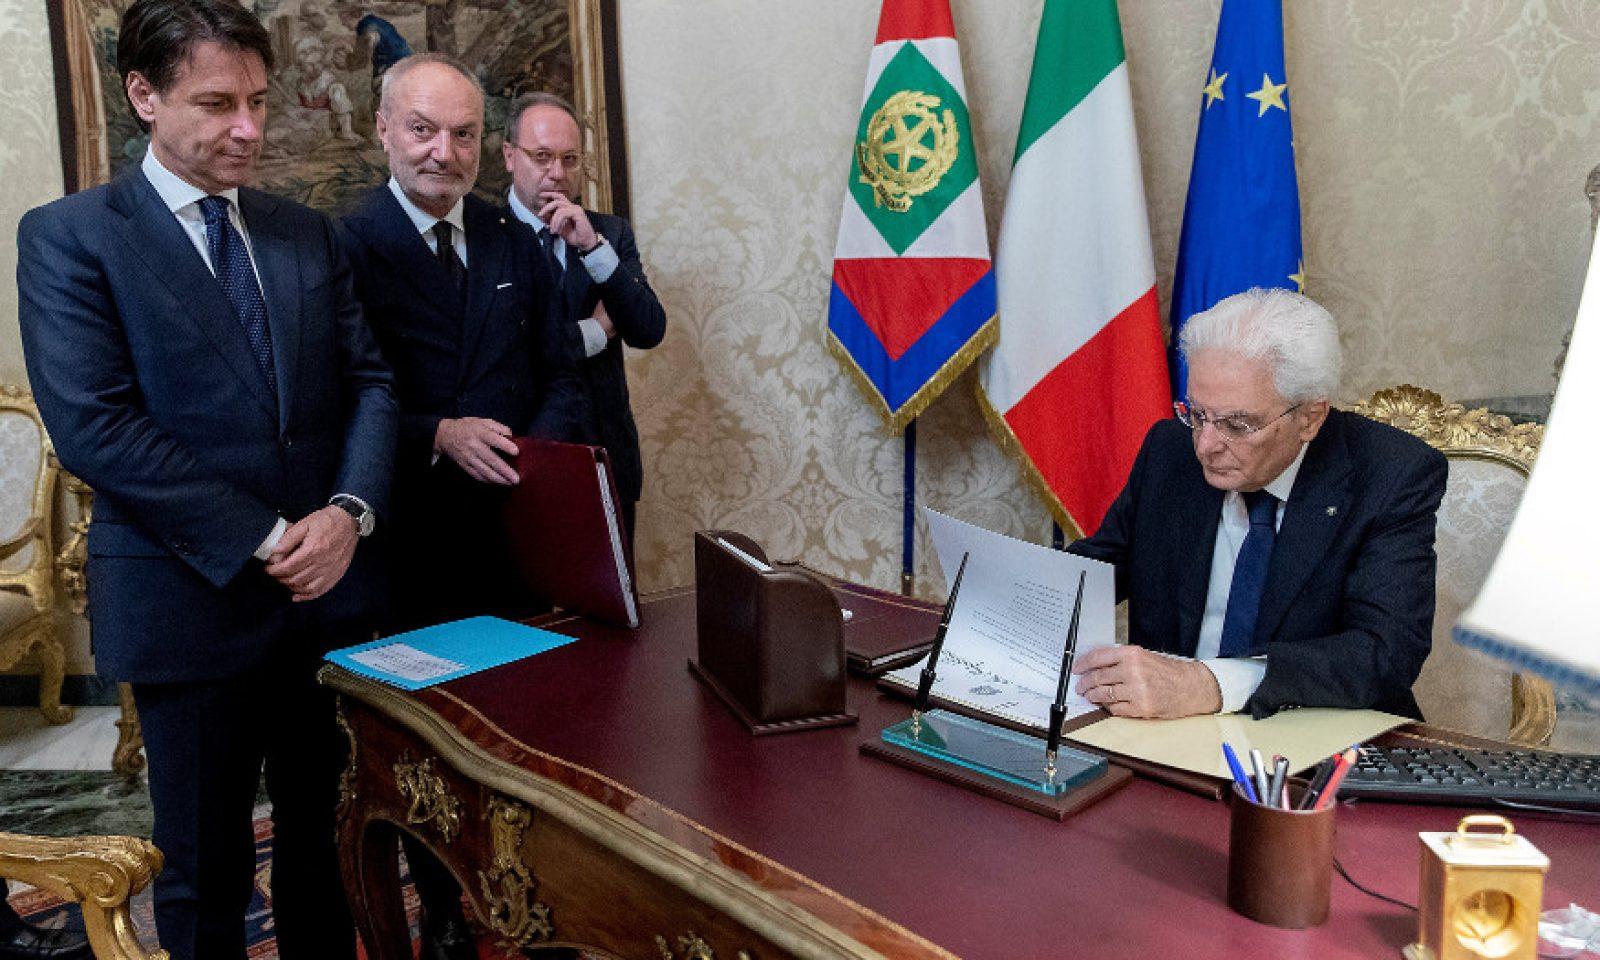 2018-05-31T203814Z_1_LYNXNPEE4U21U_RTROPTP_4_ITALY-POLITICS-1600x960